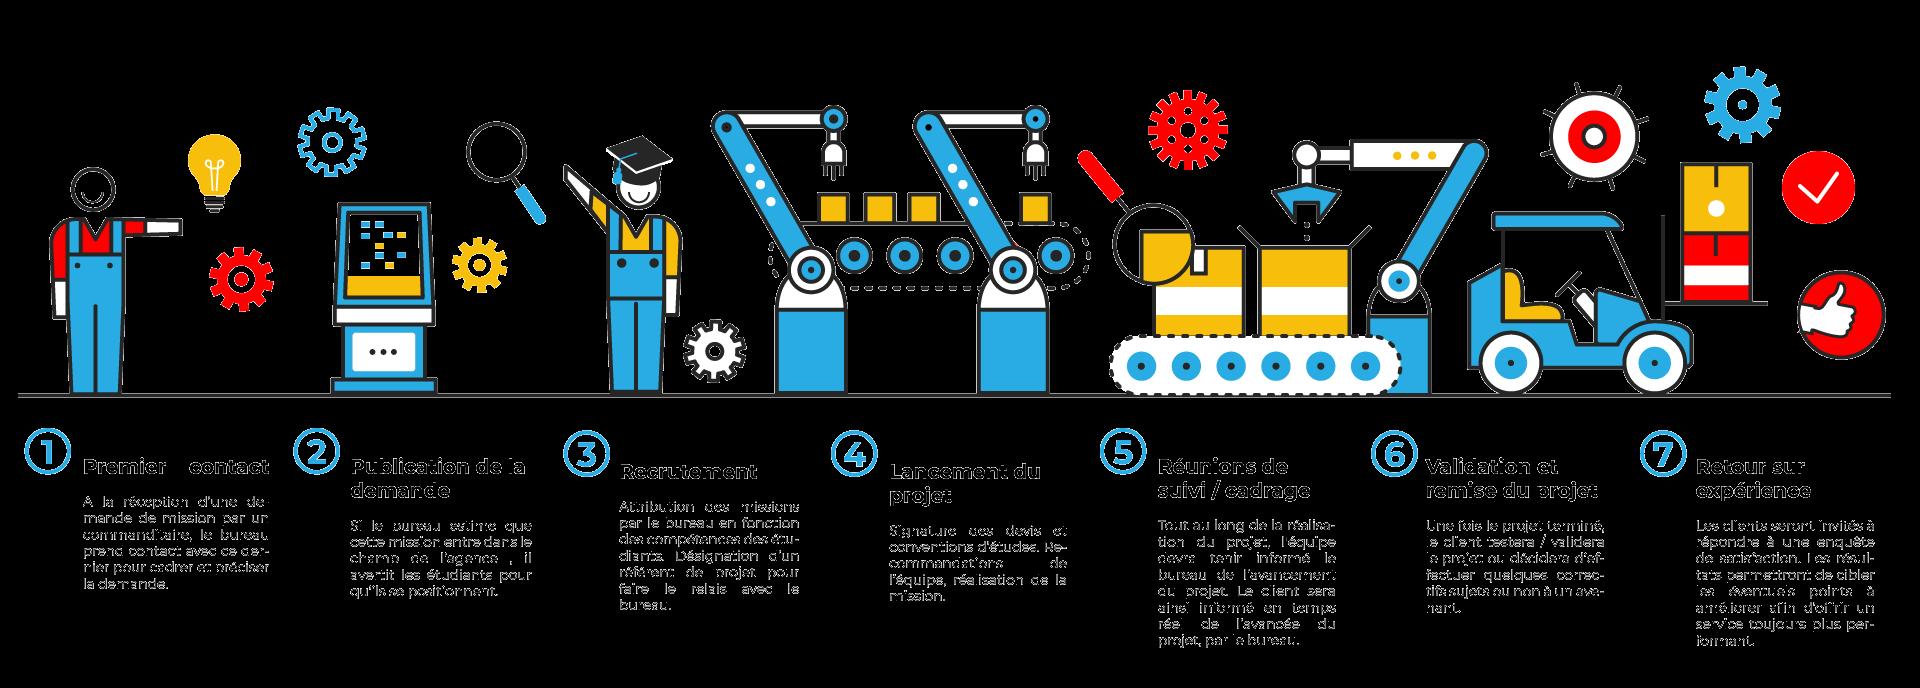 processus-design-mission-iram-factory-saint-etienne-clement-petit1 bureau-iram-factory-saint-etienne agence de communication